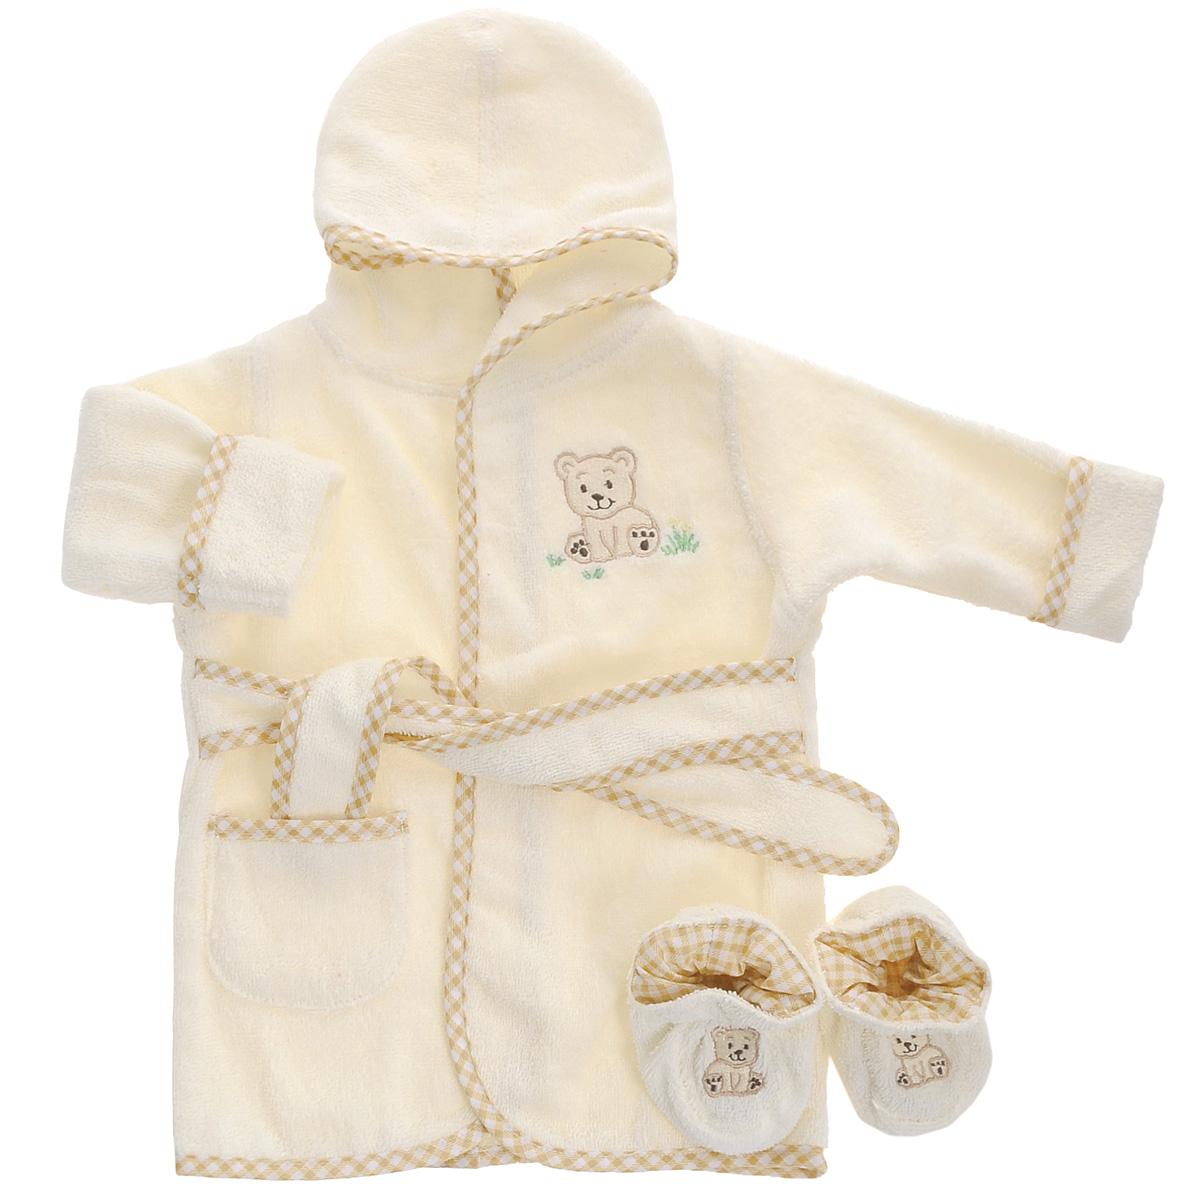 Комплект для новорожденного Spasilk Мишка: халат, пинетки, цвет: бежевый. BR W001. Размер 0/9месBR W001Прекрасный комплект для новорожденного Мишка из коллекции Spasilk состоит из банного халатика с капюшоном и пинеток. Махровая поверхность хорошо впитывает влагу, защищая малыша от переохлаждения.Халатик и пинетки оформлены веселыми вышивками с изображением мишек. Халат на талии дополнен широким пояском, а с боку имеется небольшой накладной кармашек. В таком комплекте вашему малышу будет тепло и уютно после купания.